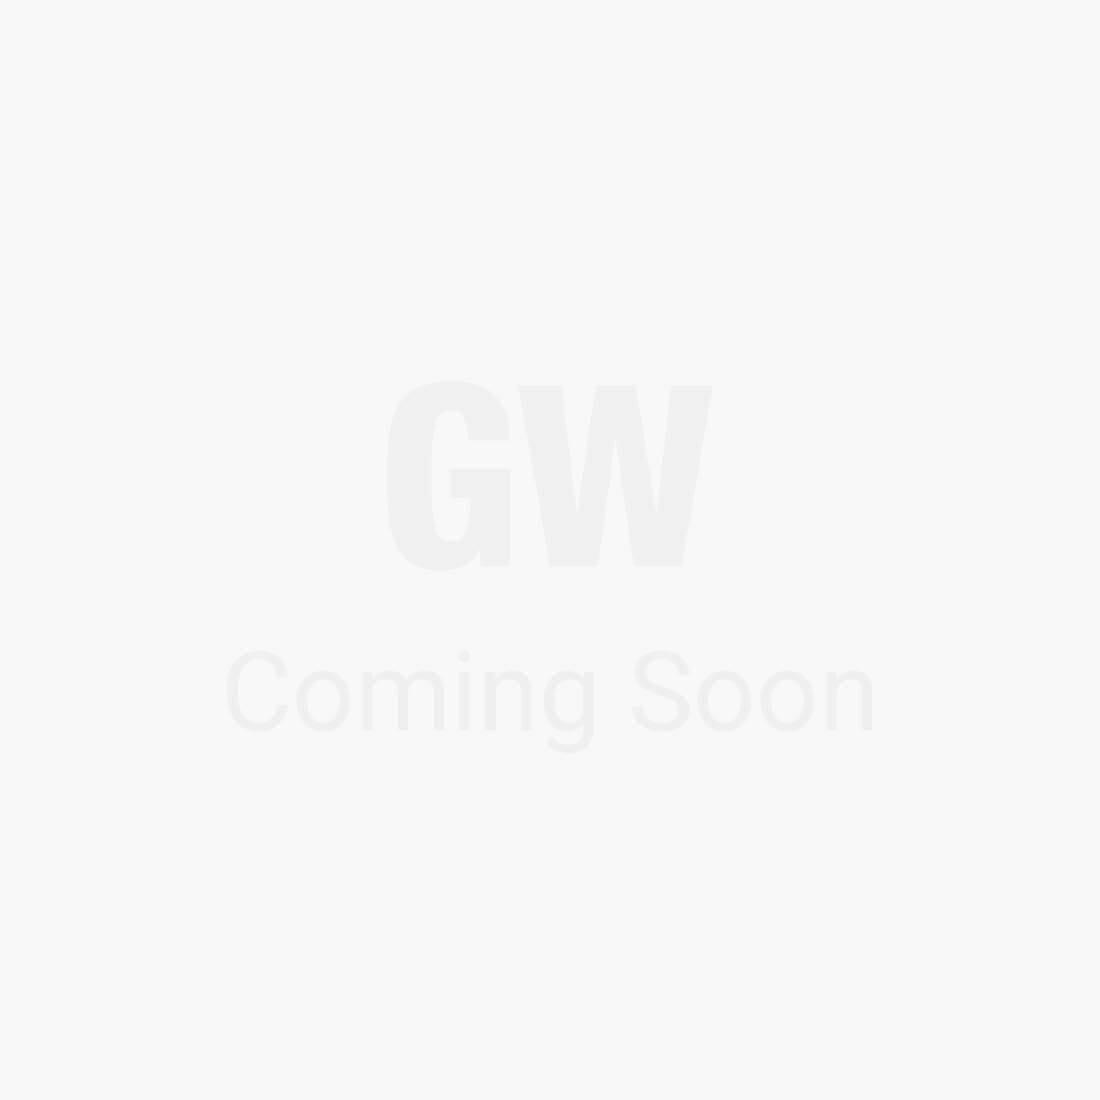 Sinclair Square Headrest Cushion